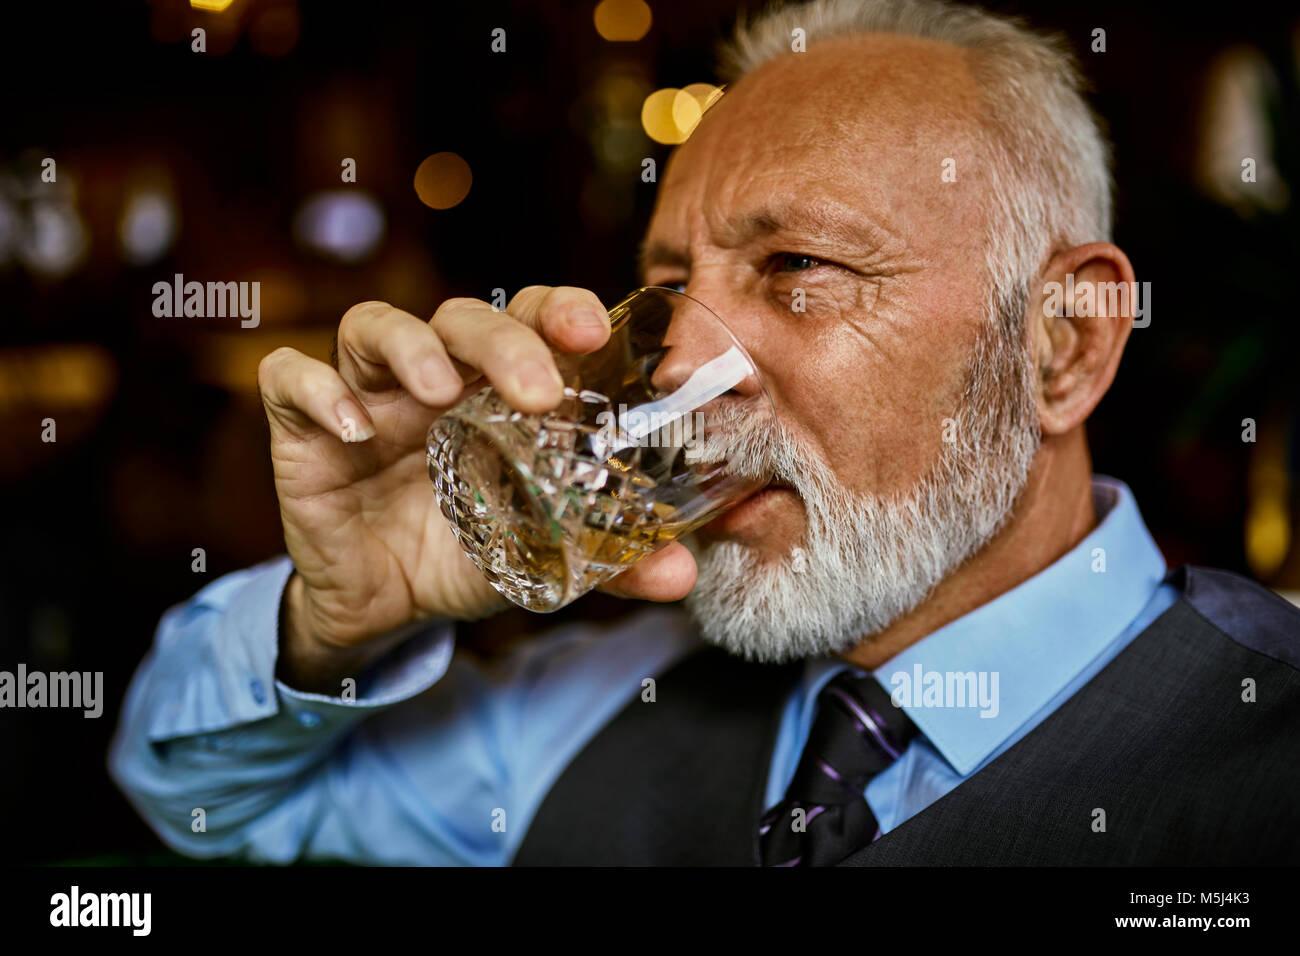 Ritratto di elegante uomo senior di bere dal bicchiere Immagini Stock